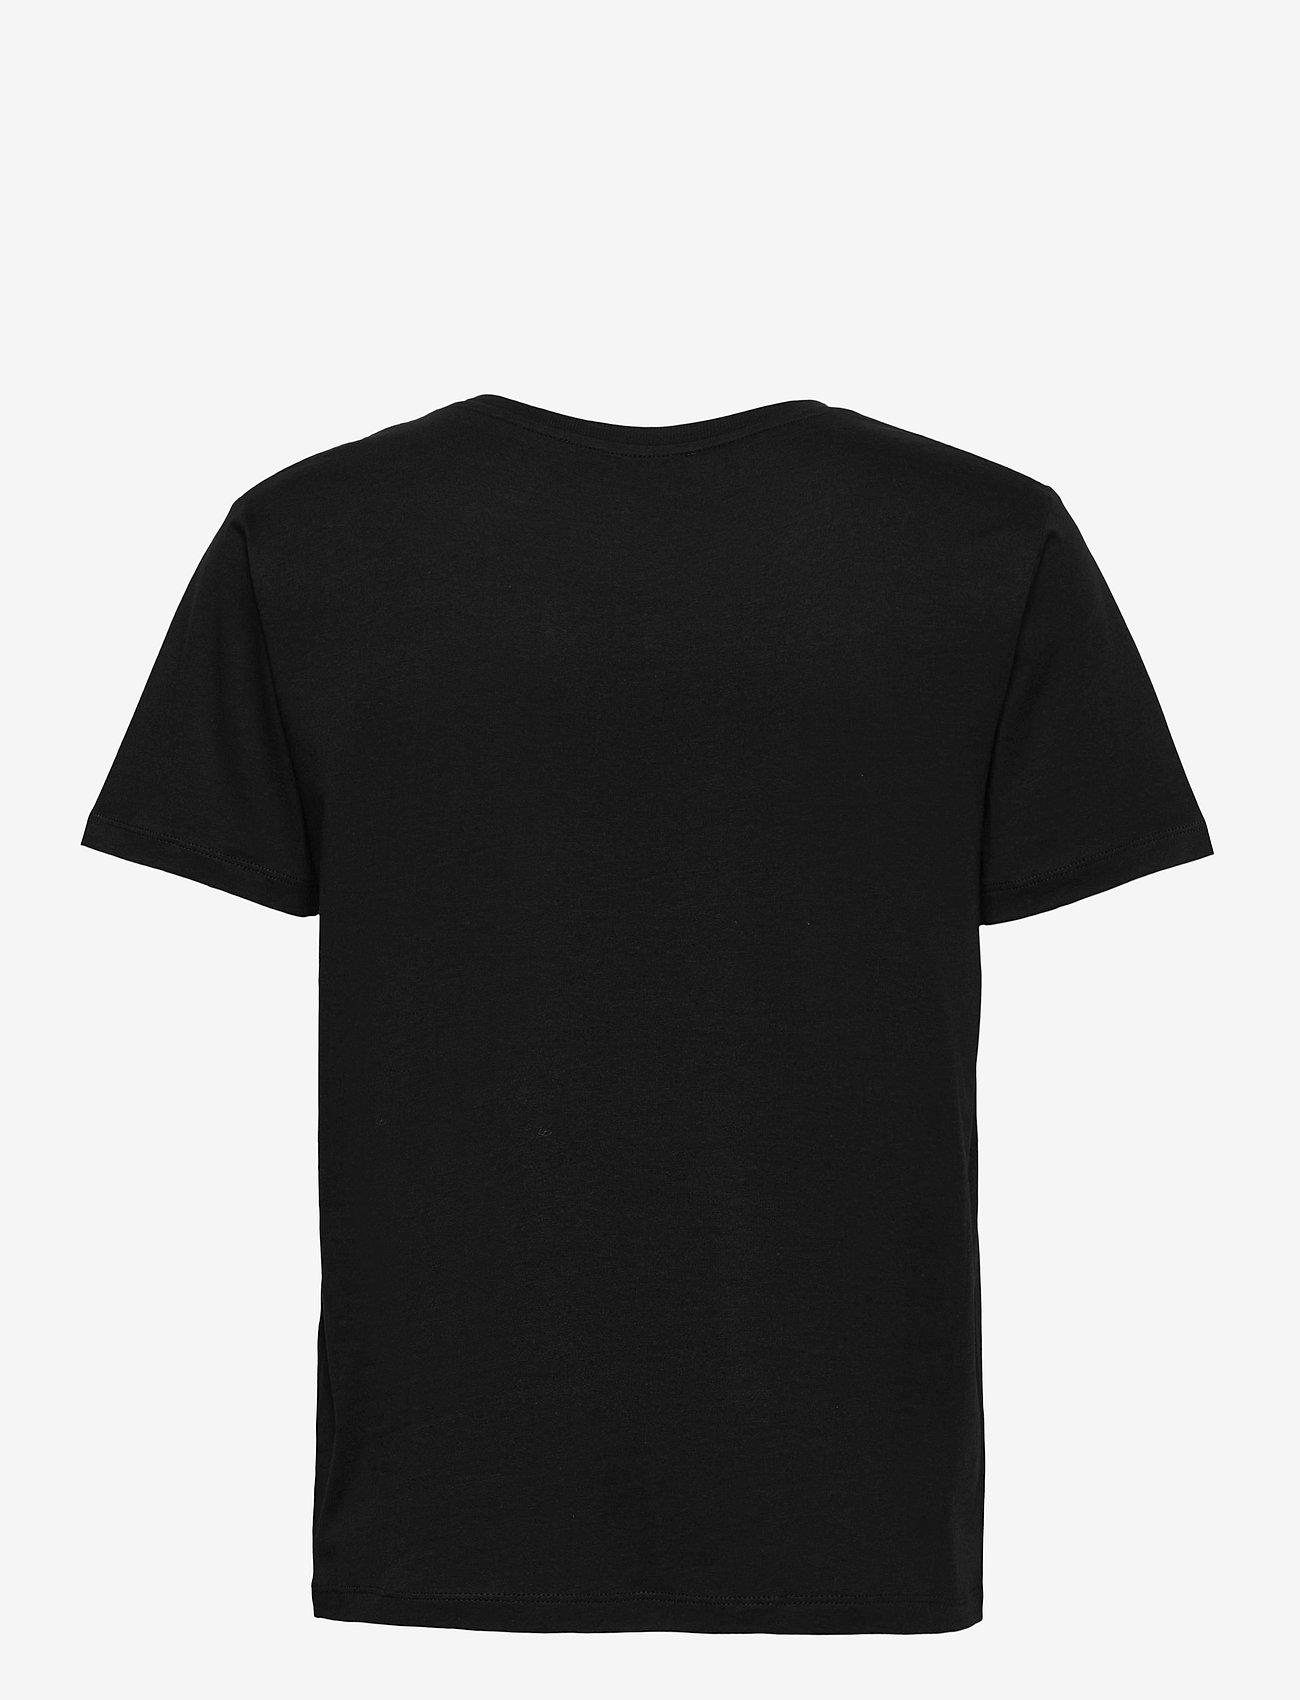 RODEBJER - RODEBJER NINJA LOGO - t-shirts - black - 1